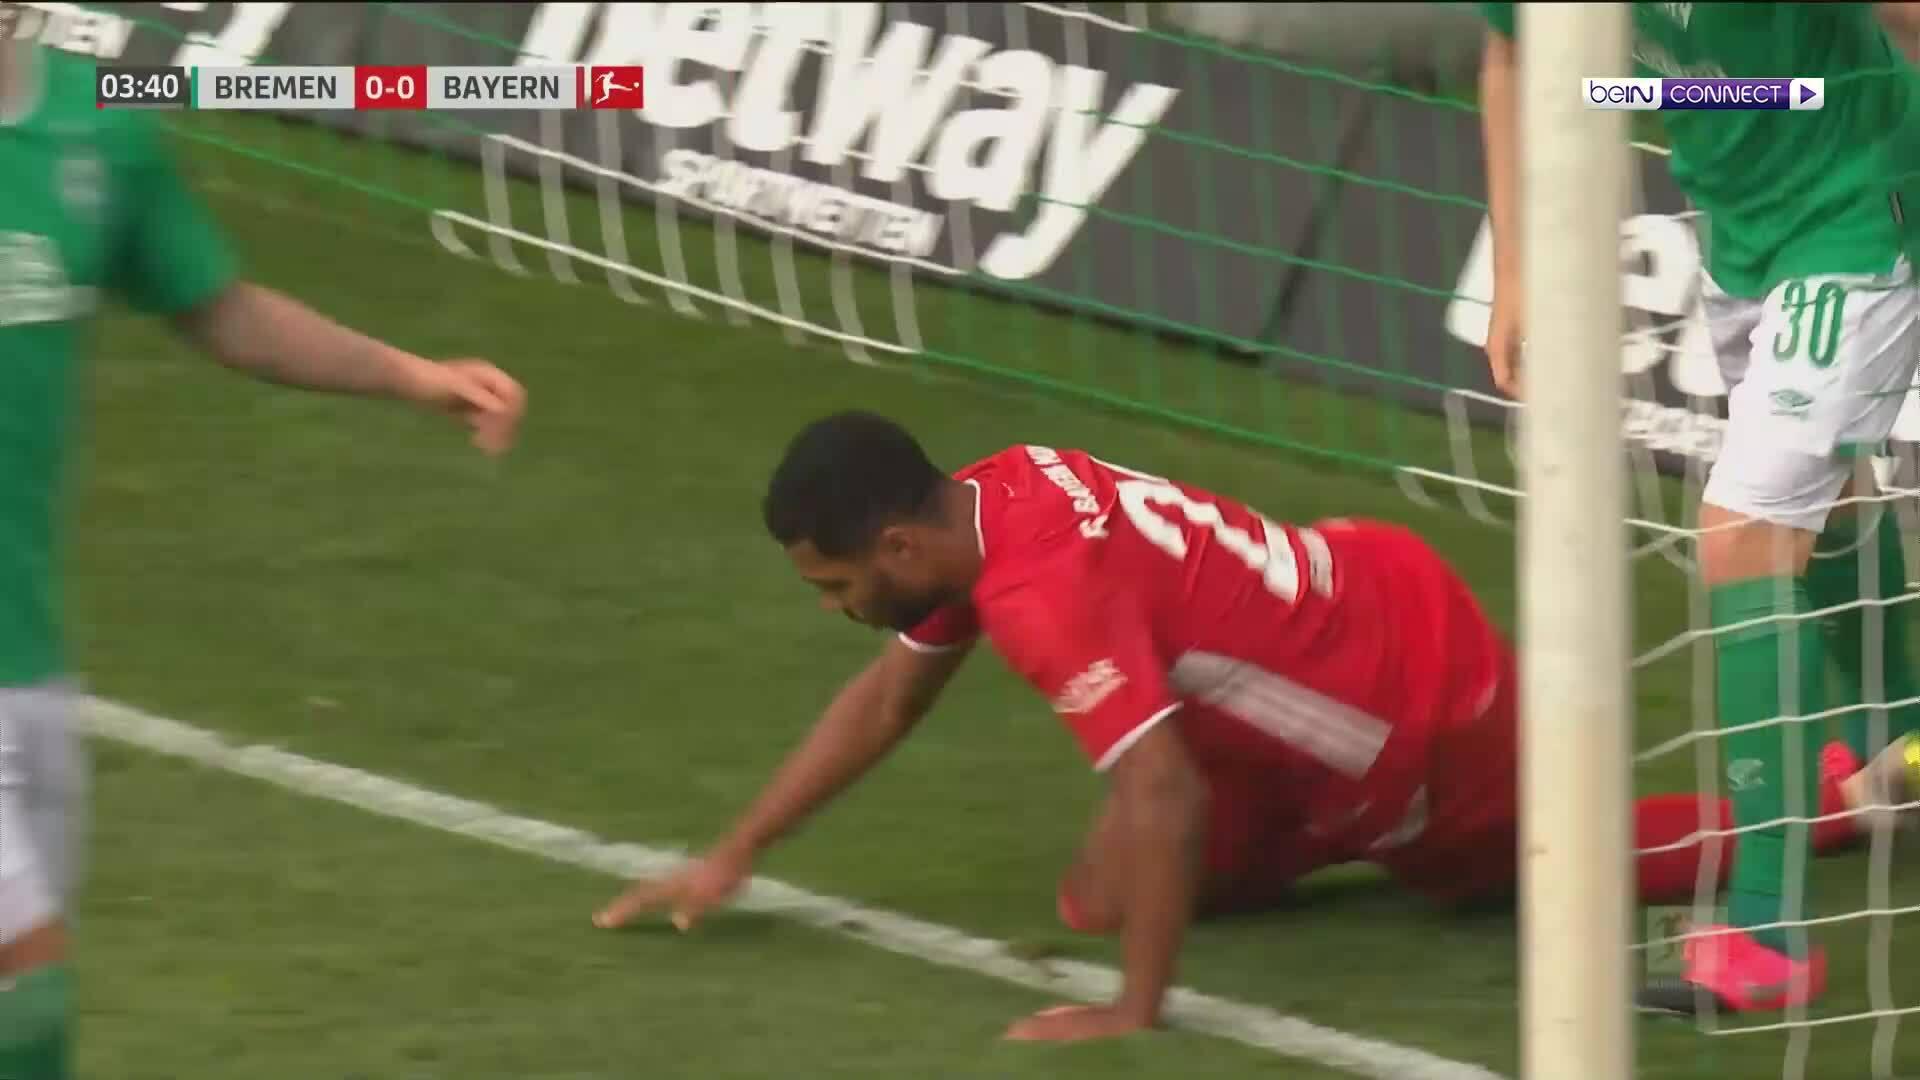 Werder Bremen 0-1 Bayern